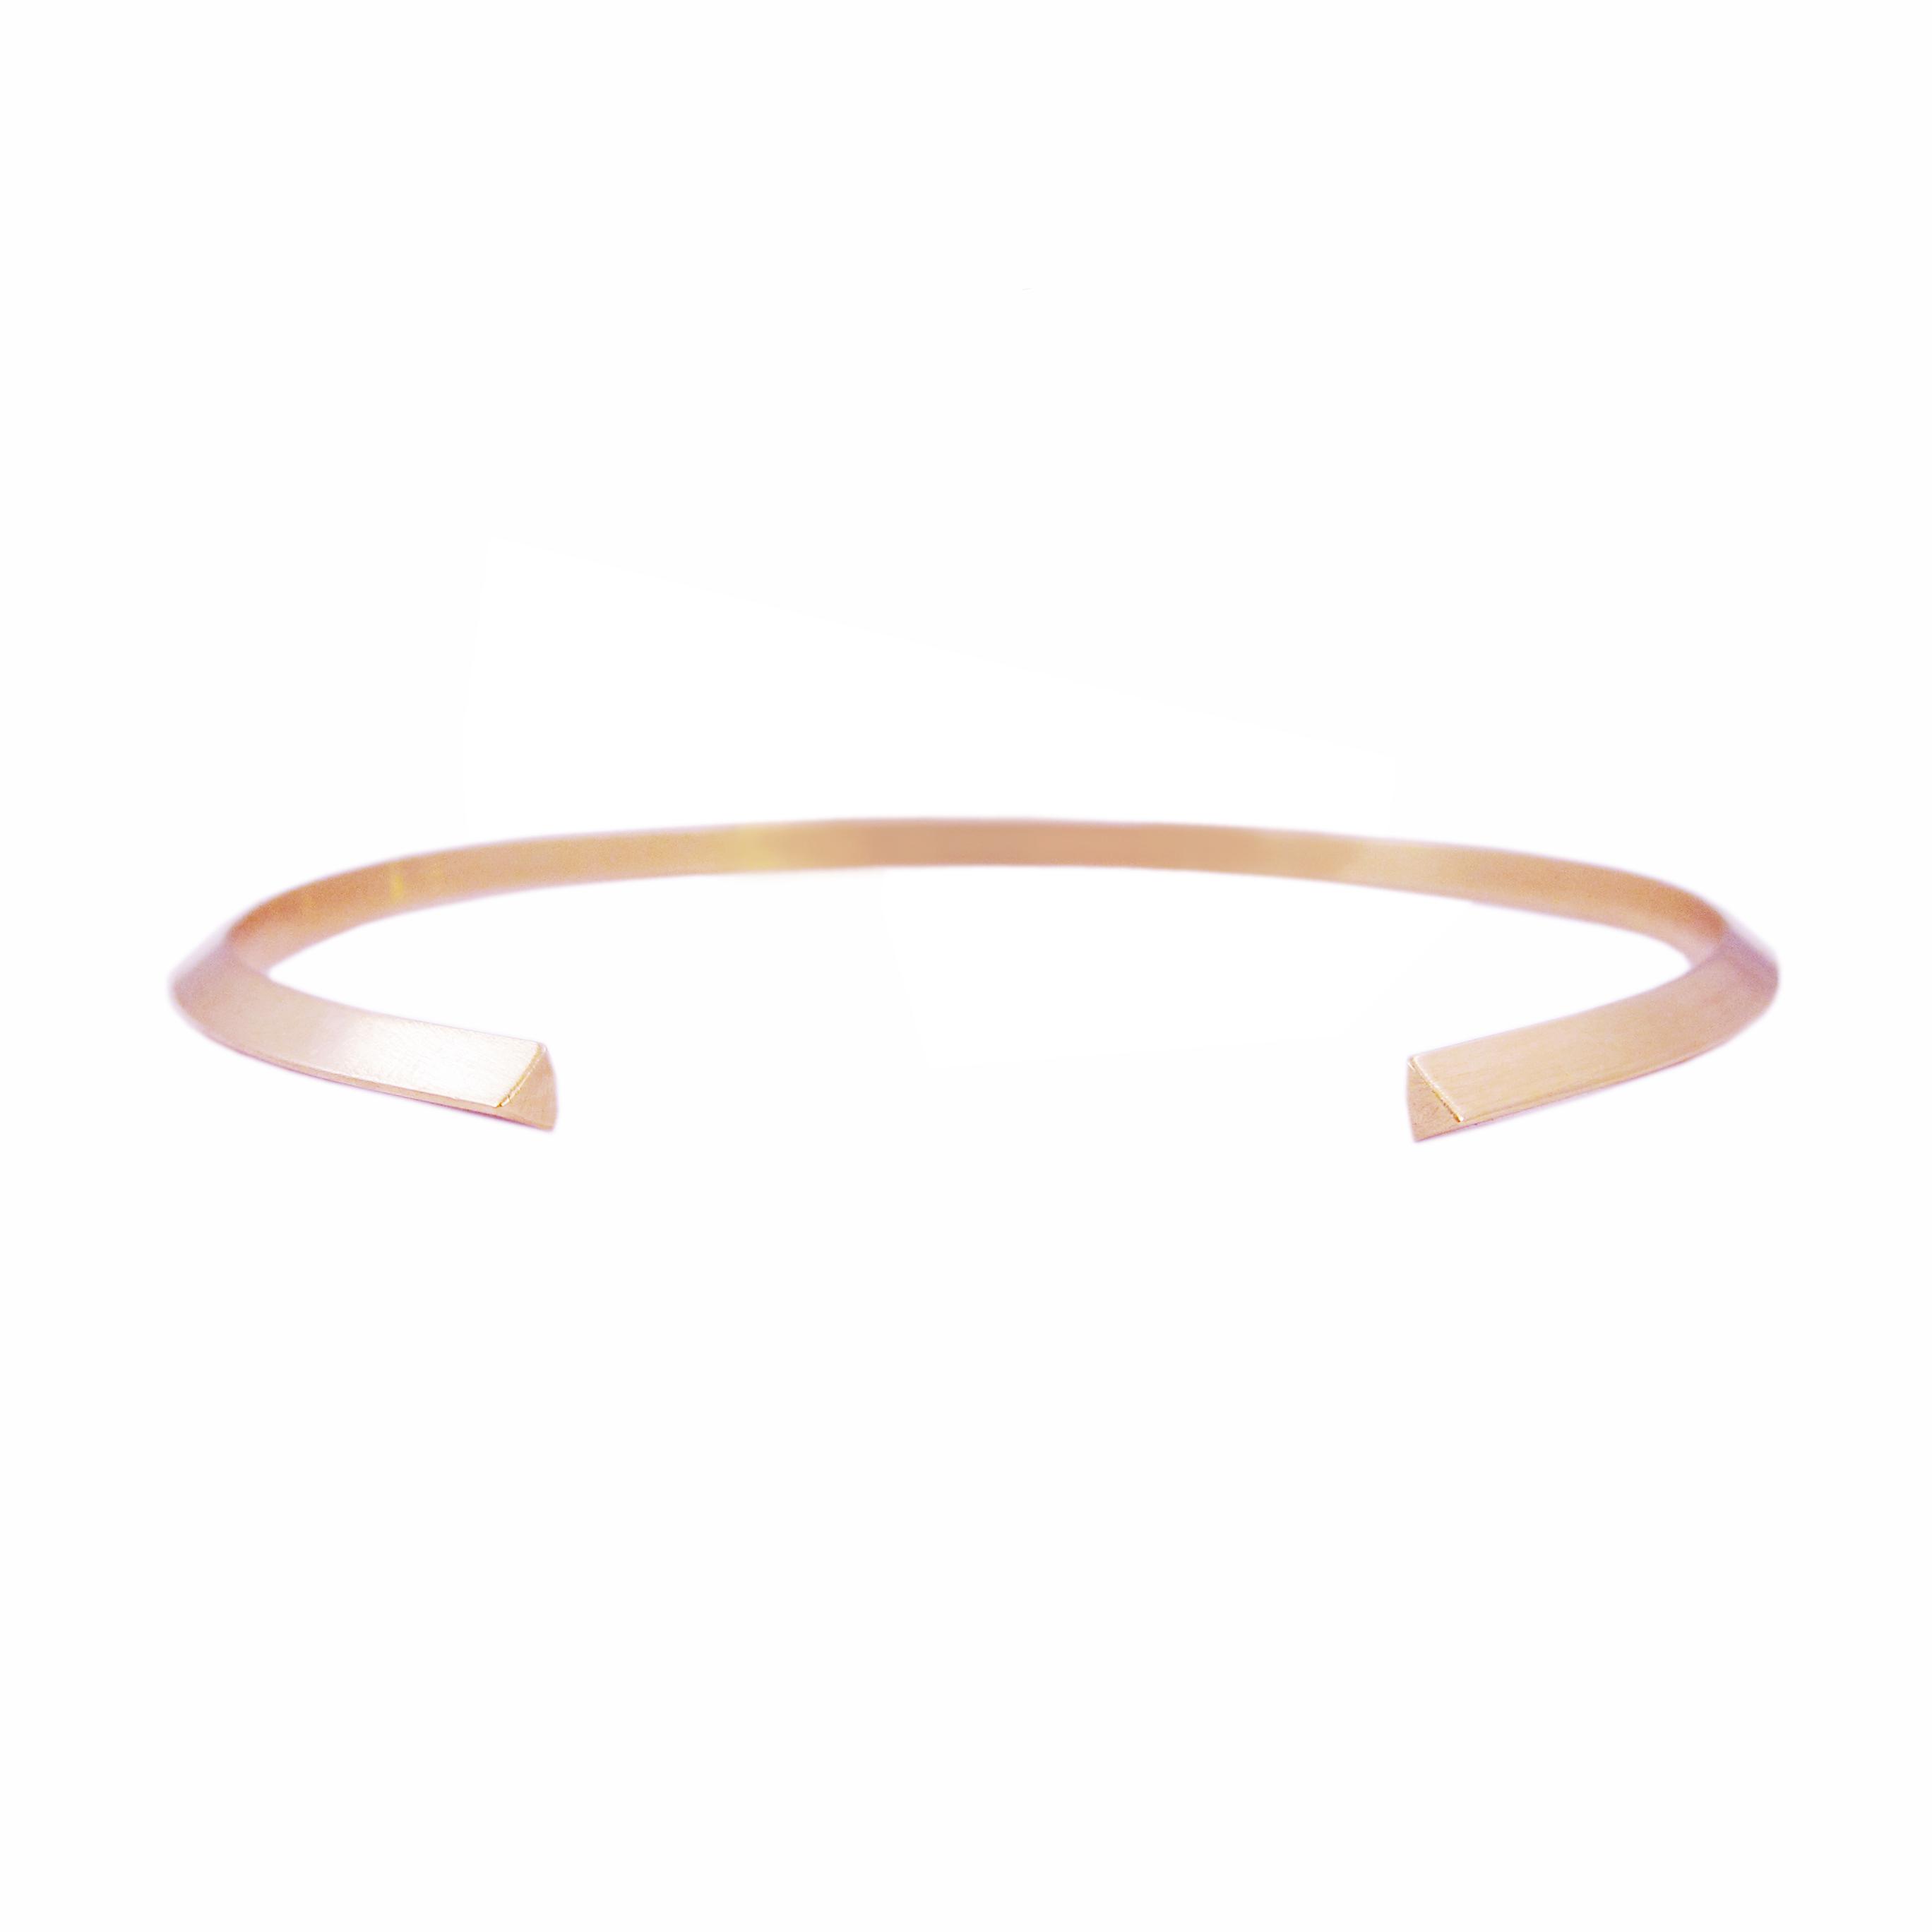 Prism bracelet